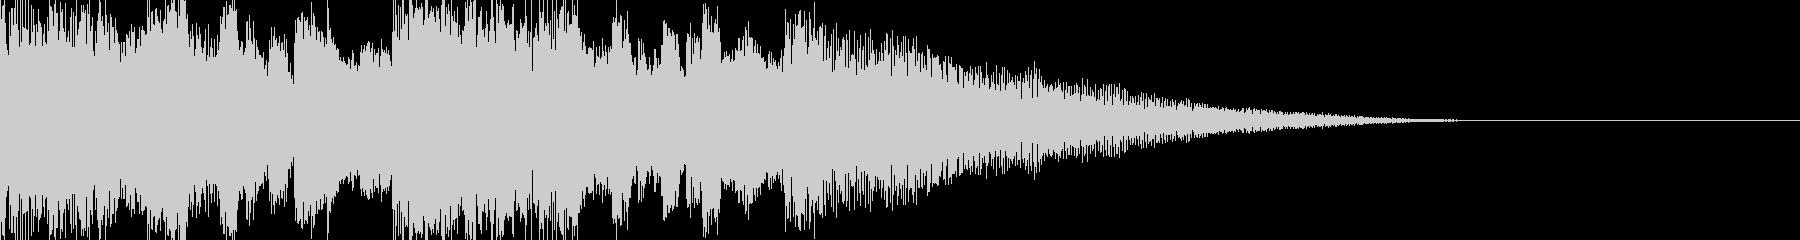 細かい雑音混じりの温かみのあるジングルの未再生の波形